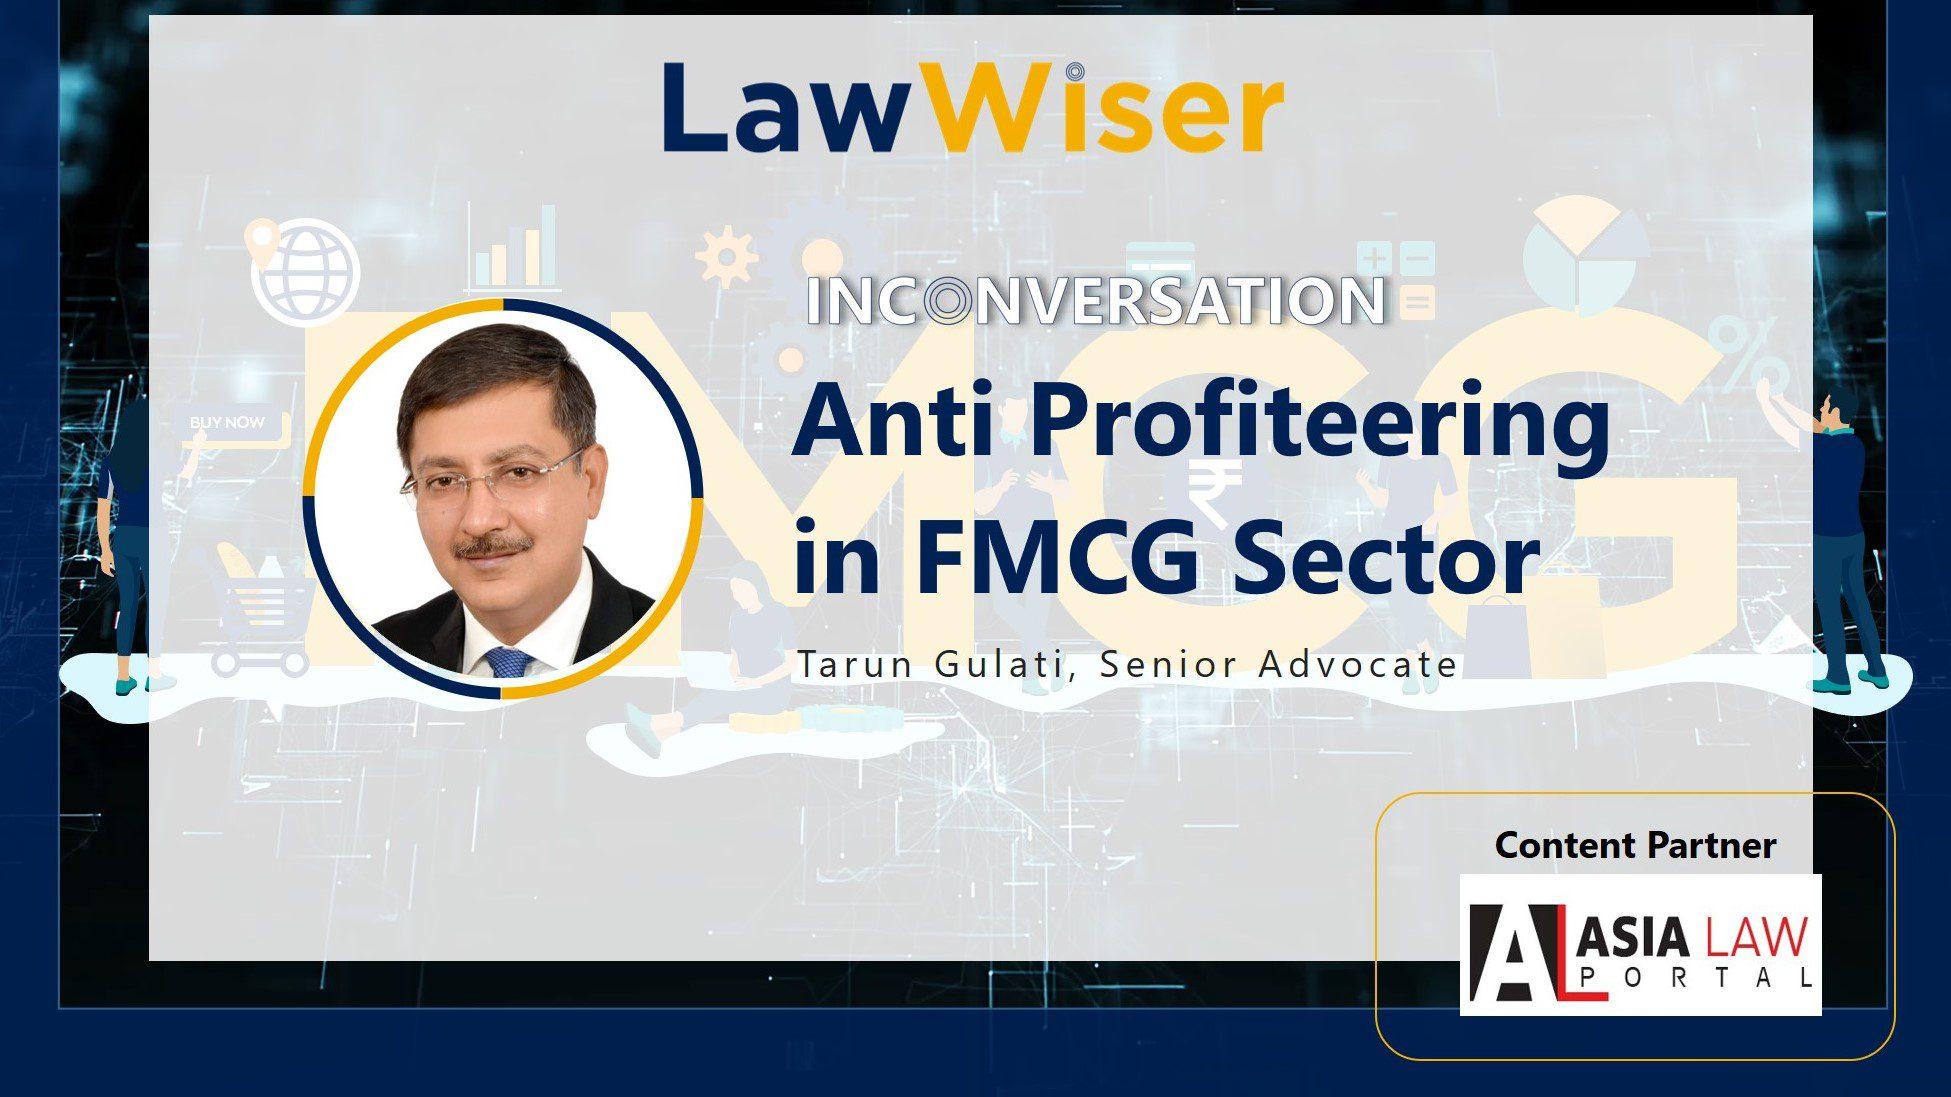 LawWiser | Anti-Profiteering in the FMCG Sector | Tarun Gulati